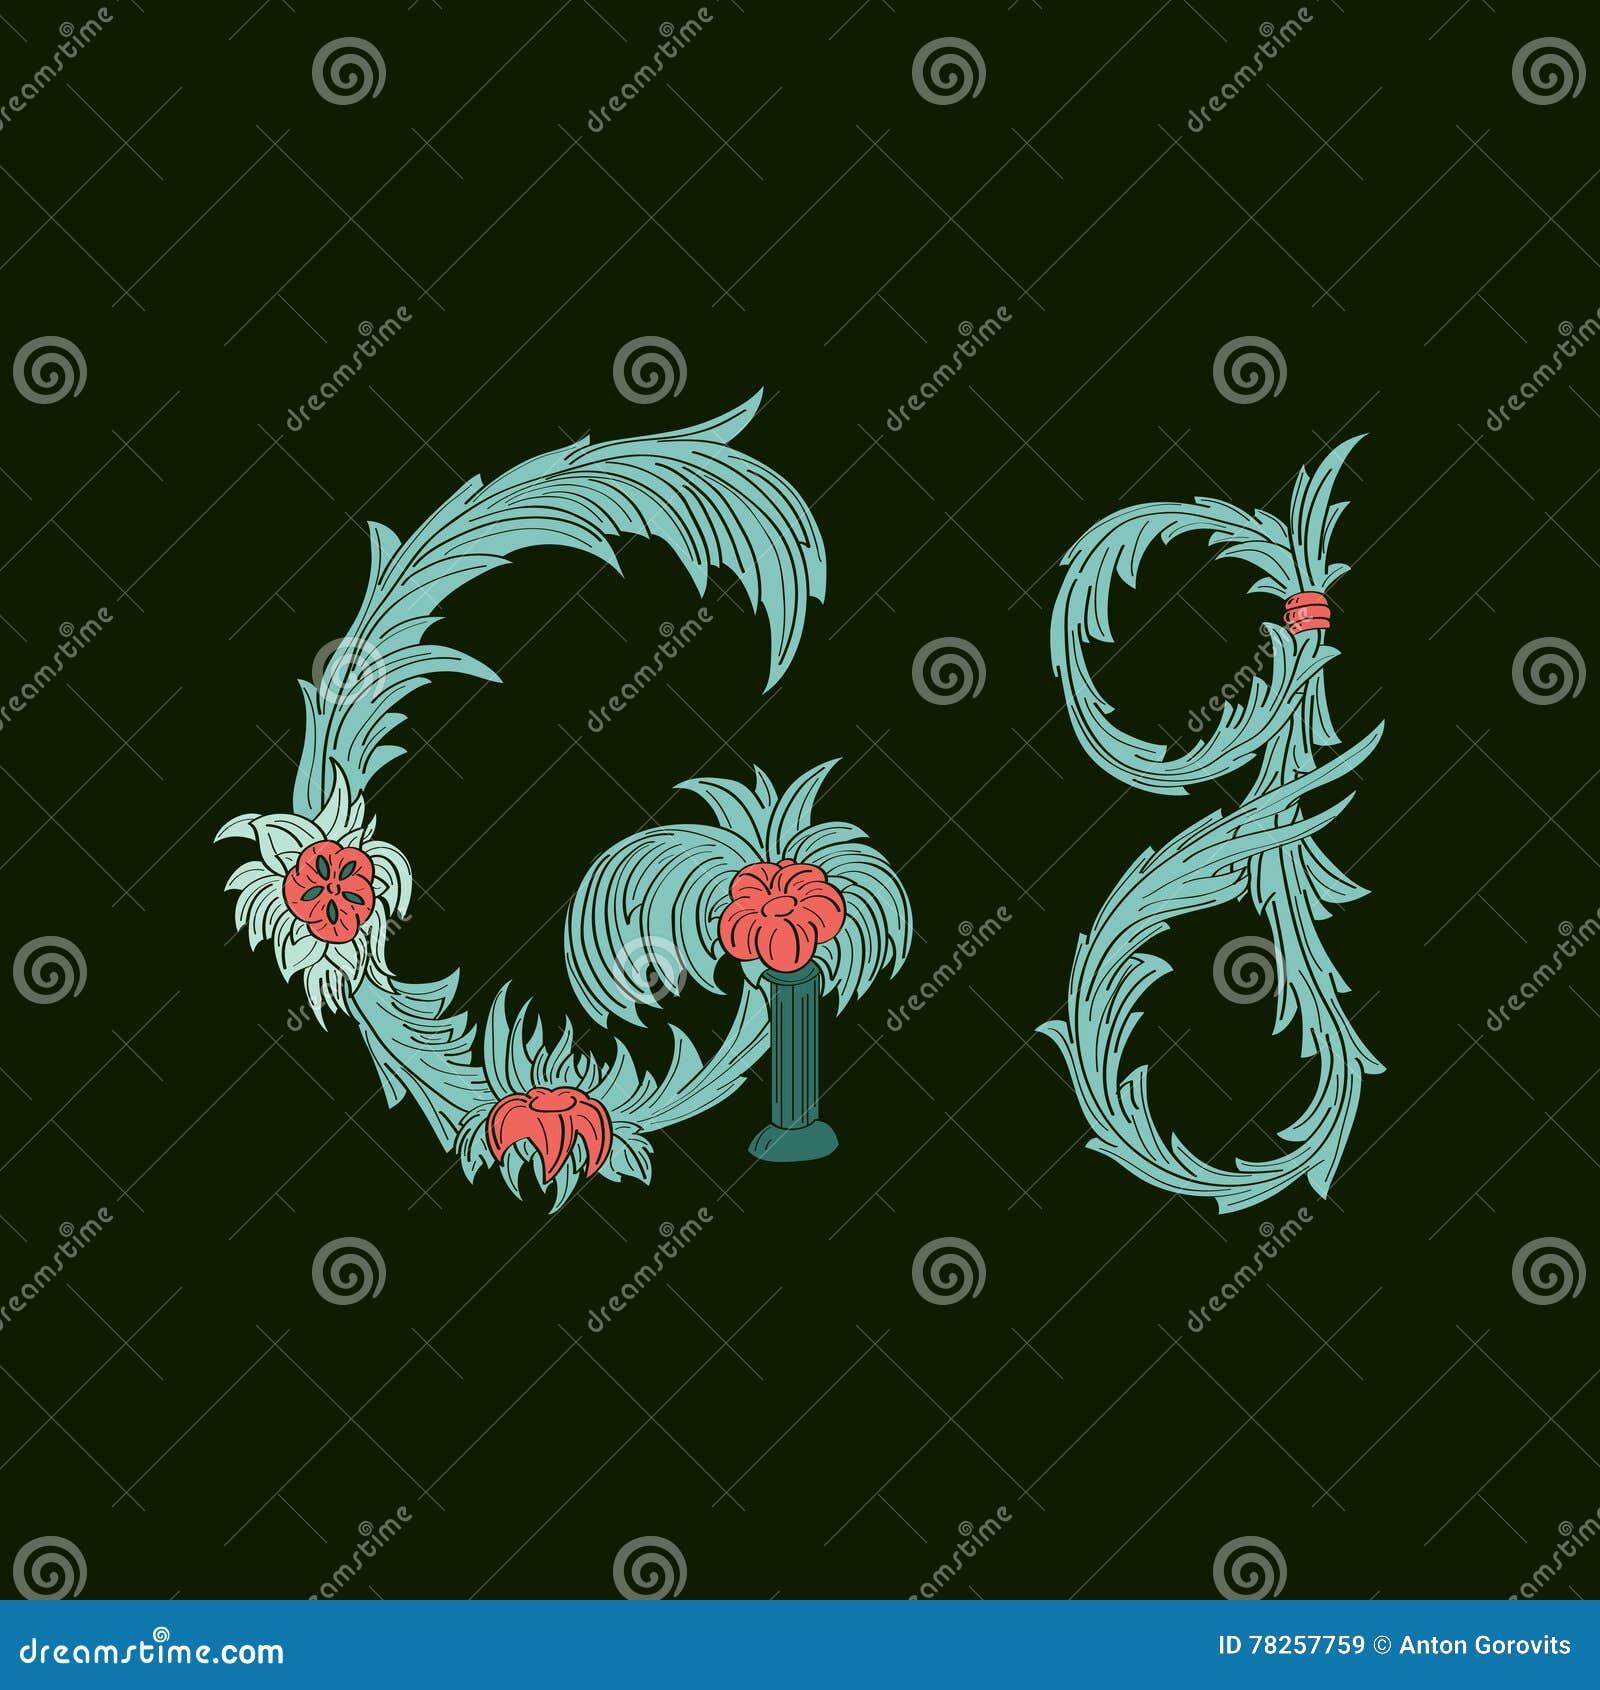 Αφηρημένο εικονίδιο λογότυπων Γ επιστολών στο μπλε τροπικό ύφος